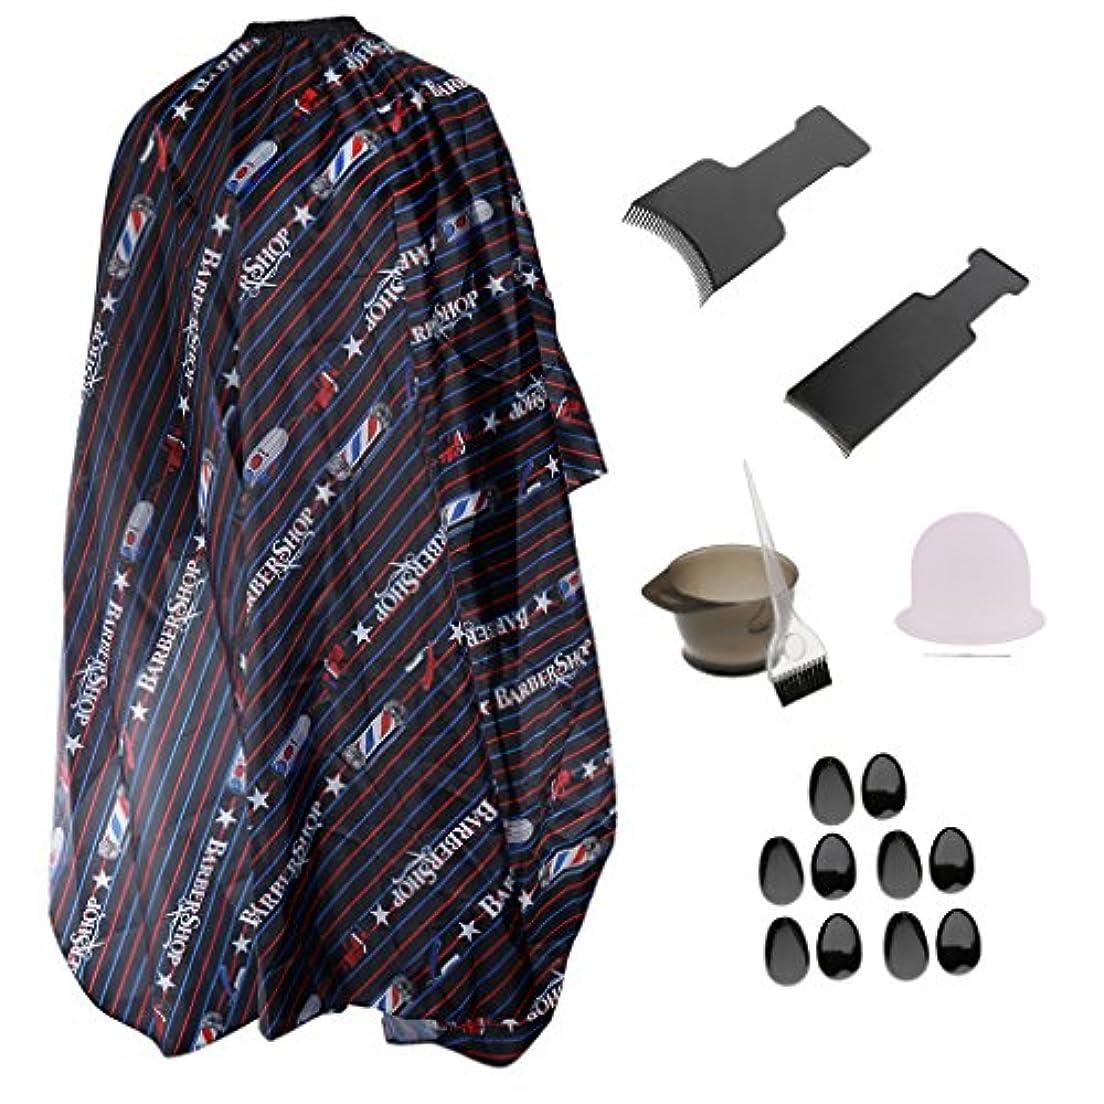 商標輝度エンコミウムサロン ヘアカラーツールセット イヤーカバー ヘアカラー ブラシ ボウル ハイライトキャップボード